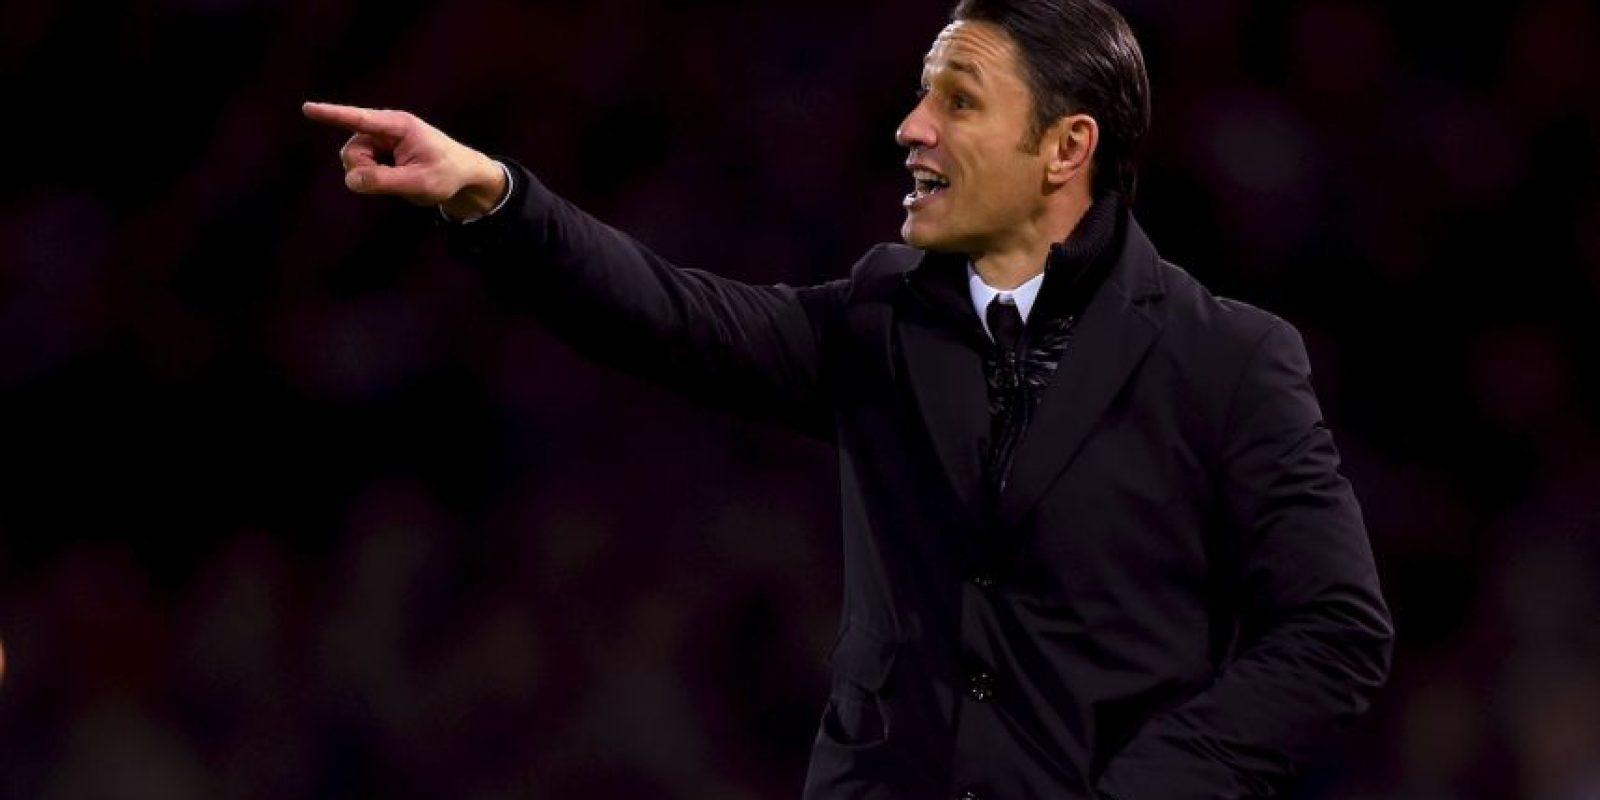 Tiene 43 años y el pasado 9 de septiembre fue destituido como DT de la Selección de Croacia Foto:Getty Images